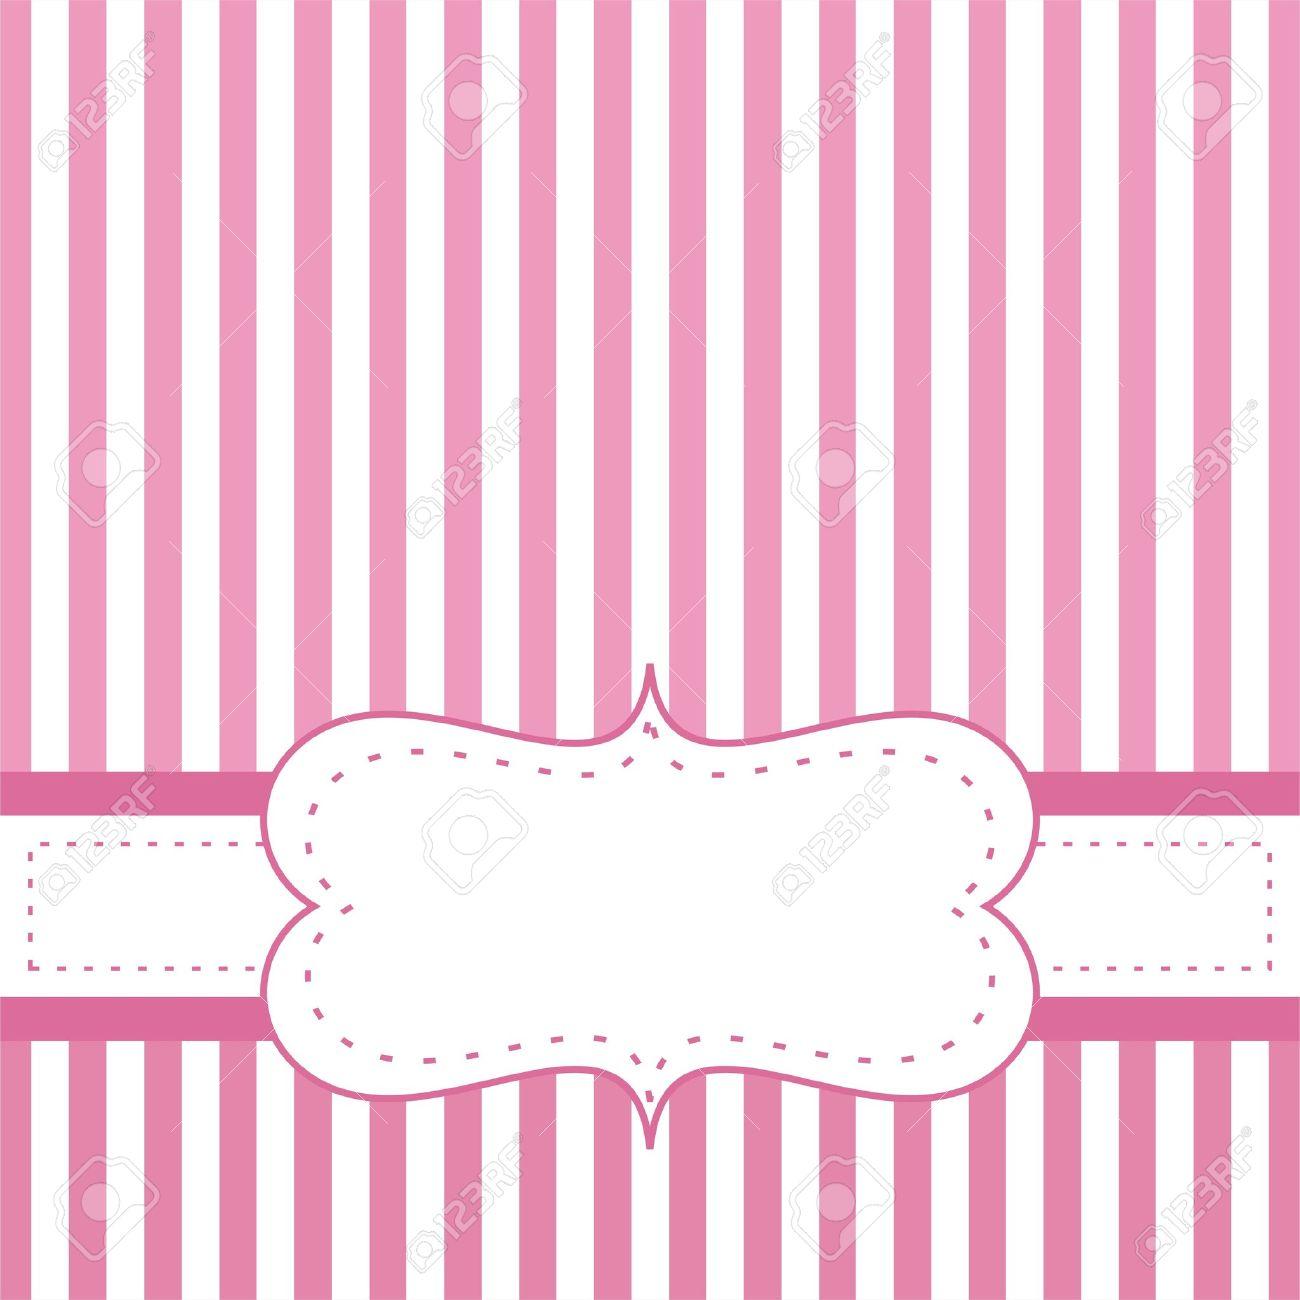 Tarjeta De Invitación De Color Rosa Para Bebé Partido De La Ducha Una Boda O Un Cumpleaños Con Rayas Blancas De Fondo Linda Con El Espacio En Blanco